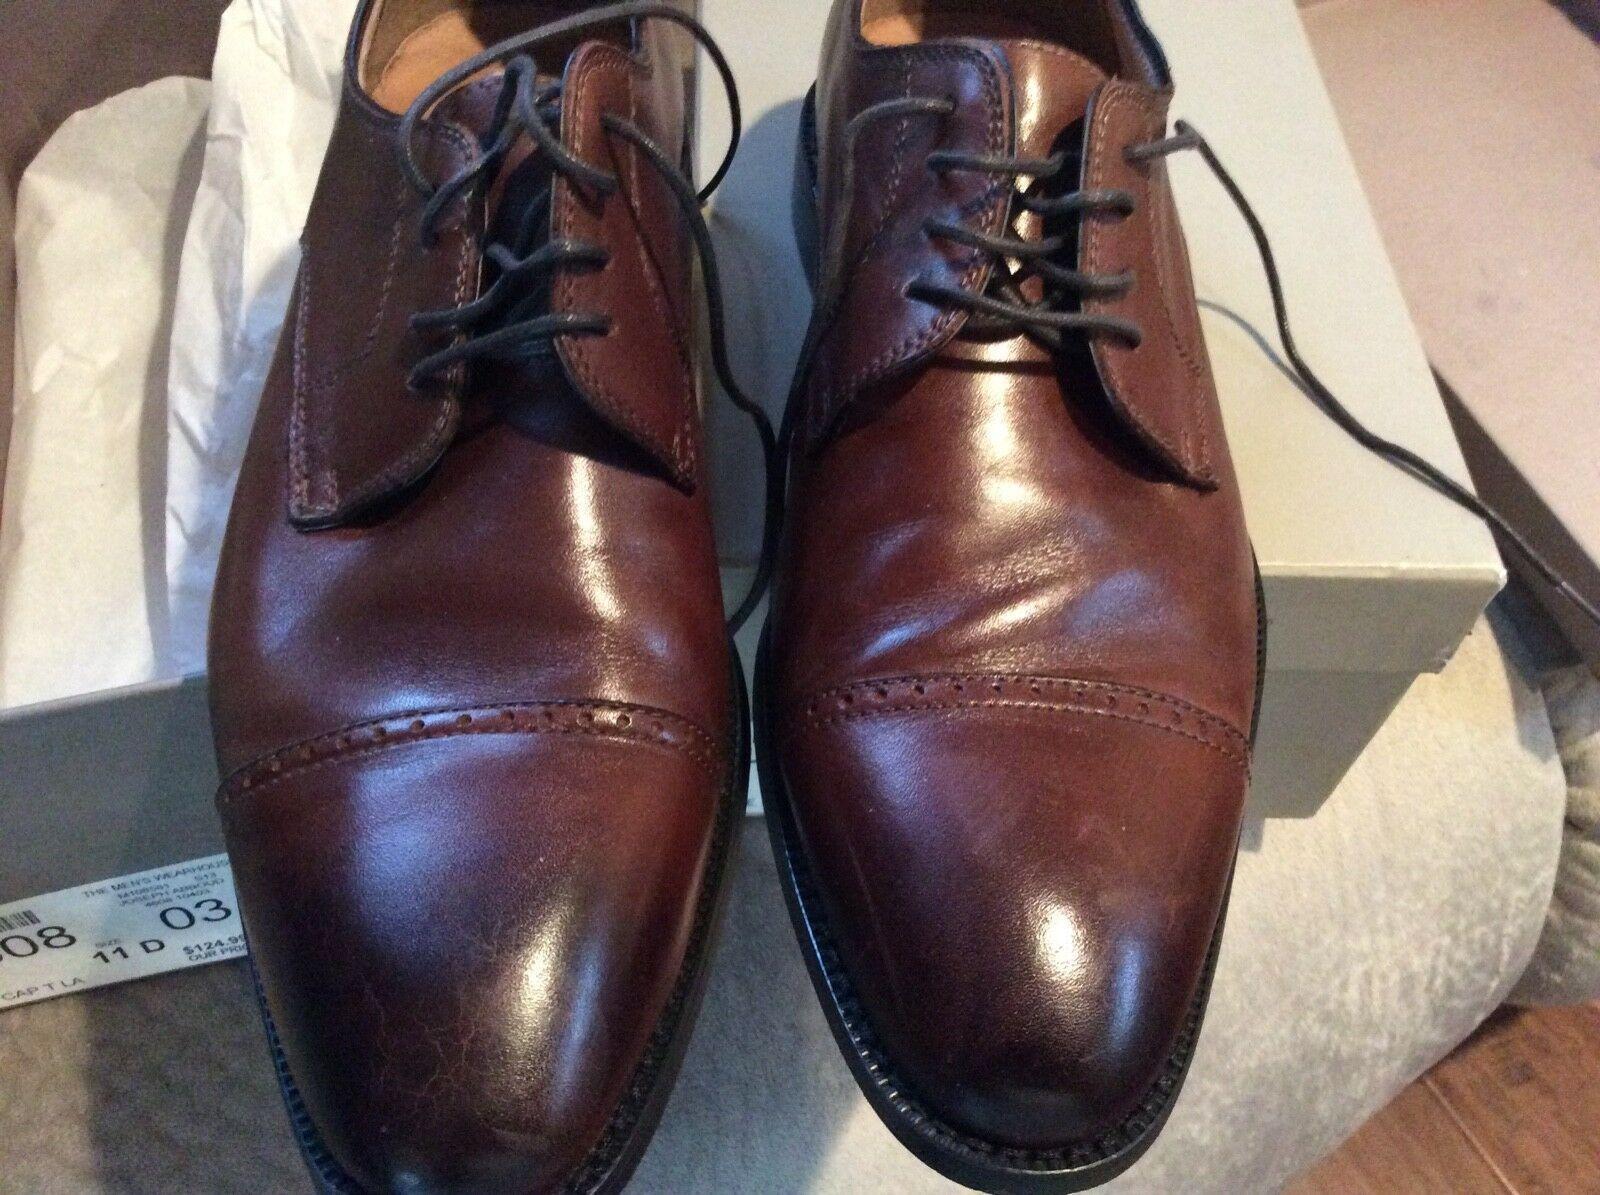 Joseph Abboud Oxfords Cognac Dress shoes Size 11 D